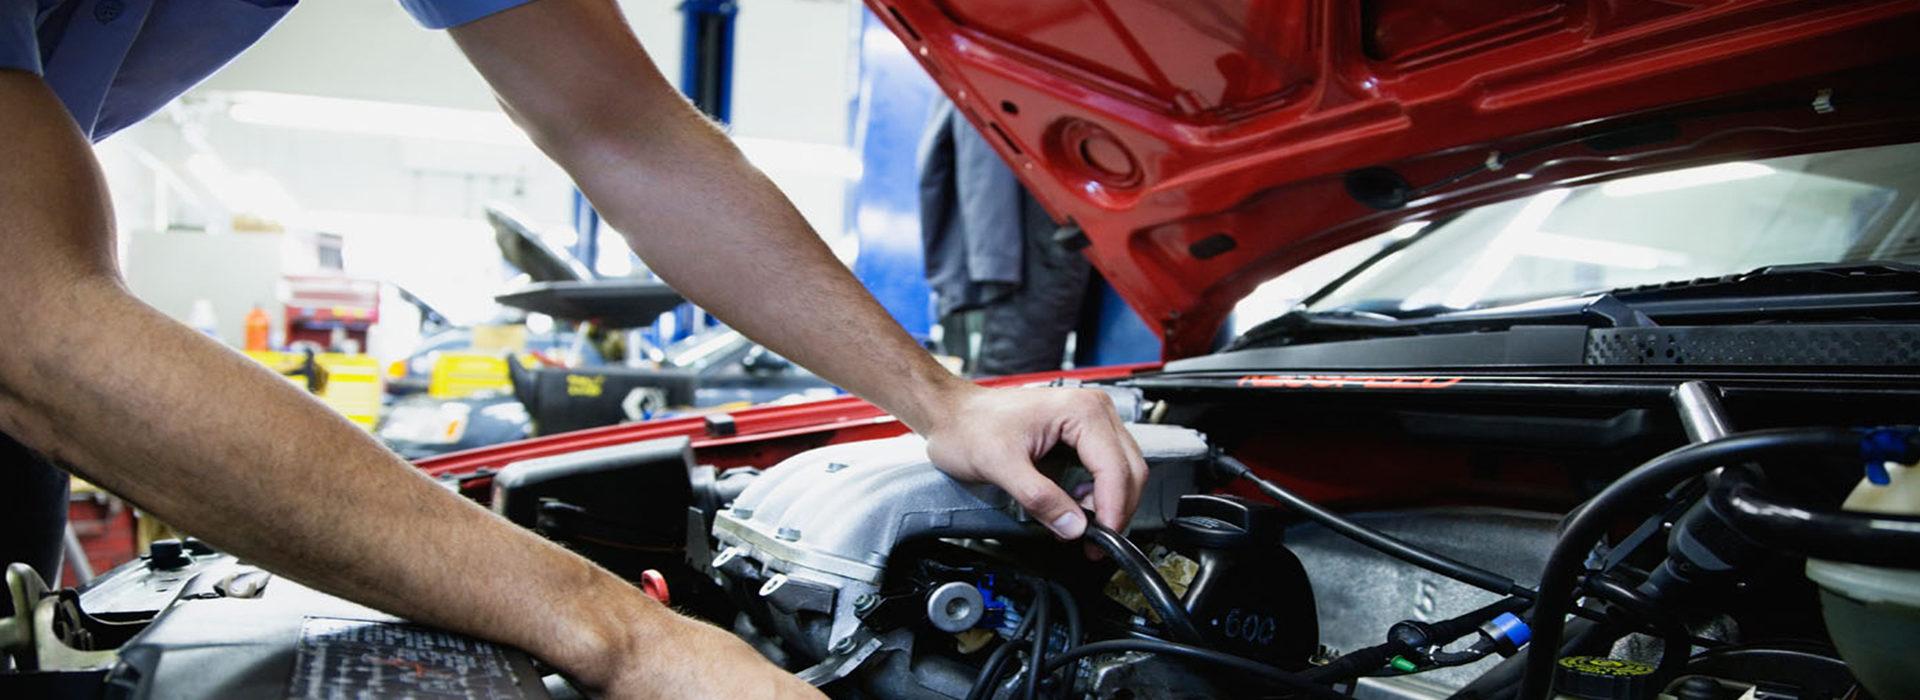 Minőség-ellenőrzési- és autóipari szolgáltatások, magas színvonalon!